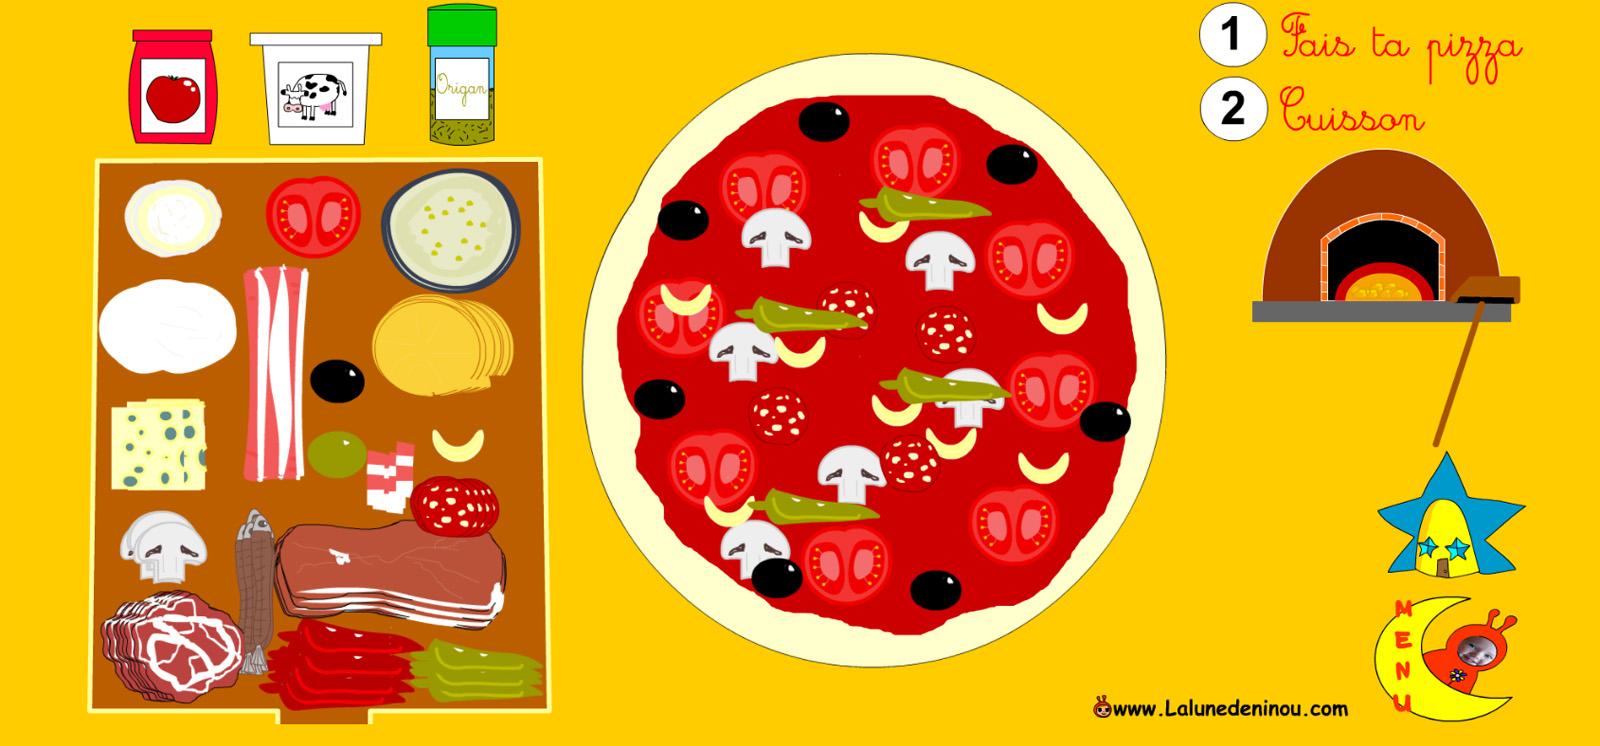 Jeu De Pizza En Ligne - Lalunedeninou à Jeux Enfant Gratuit En Ligne